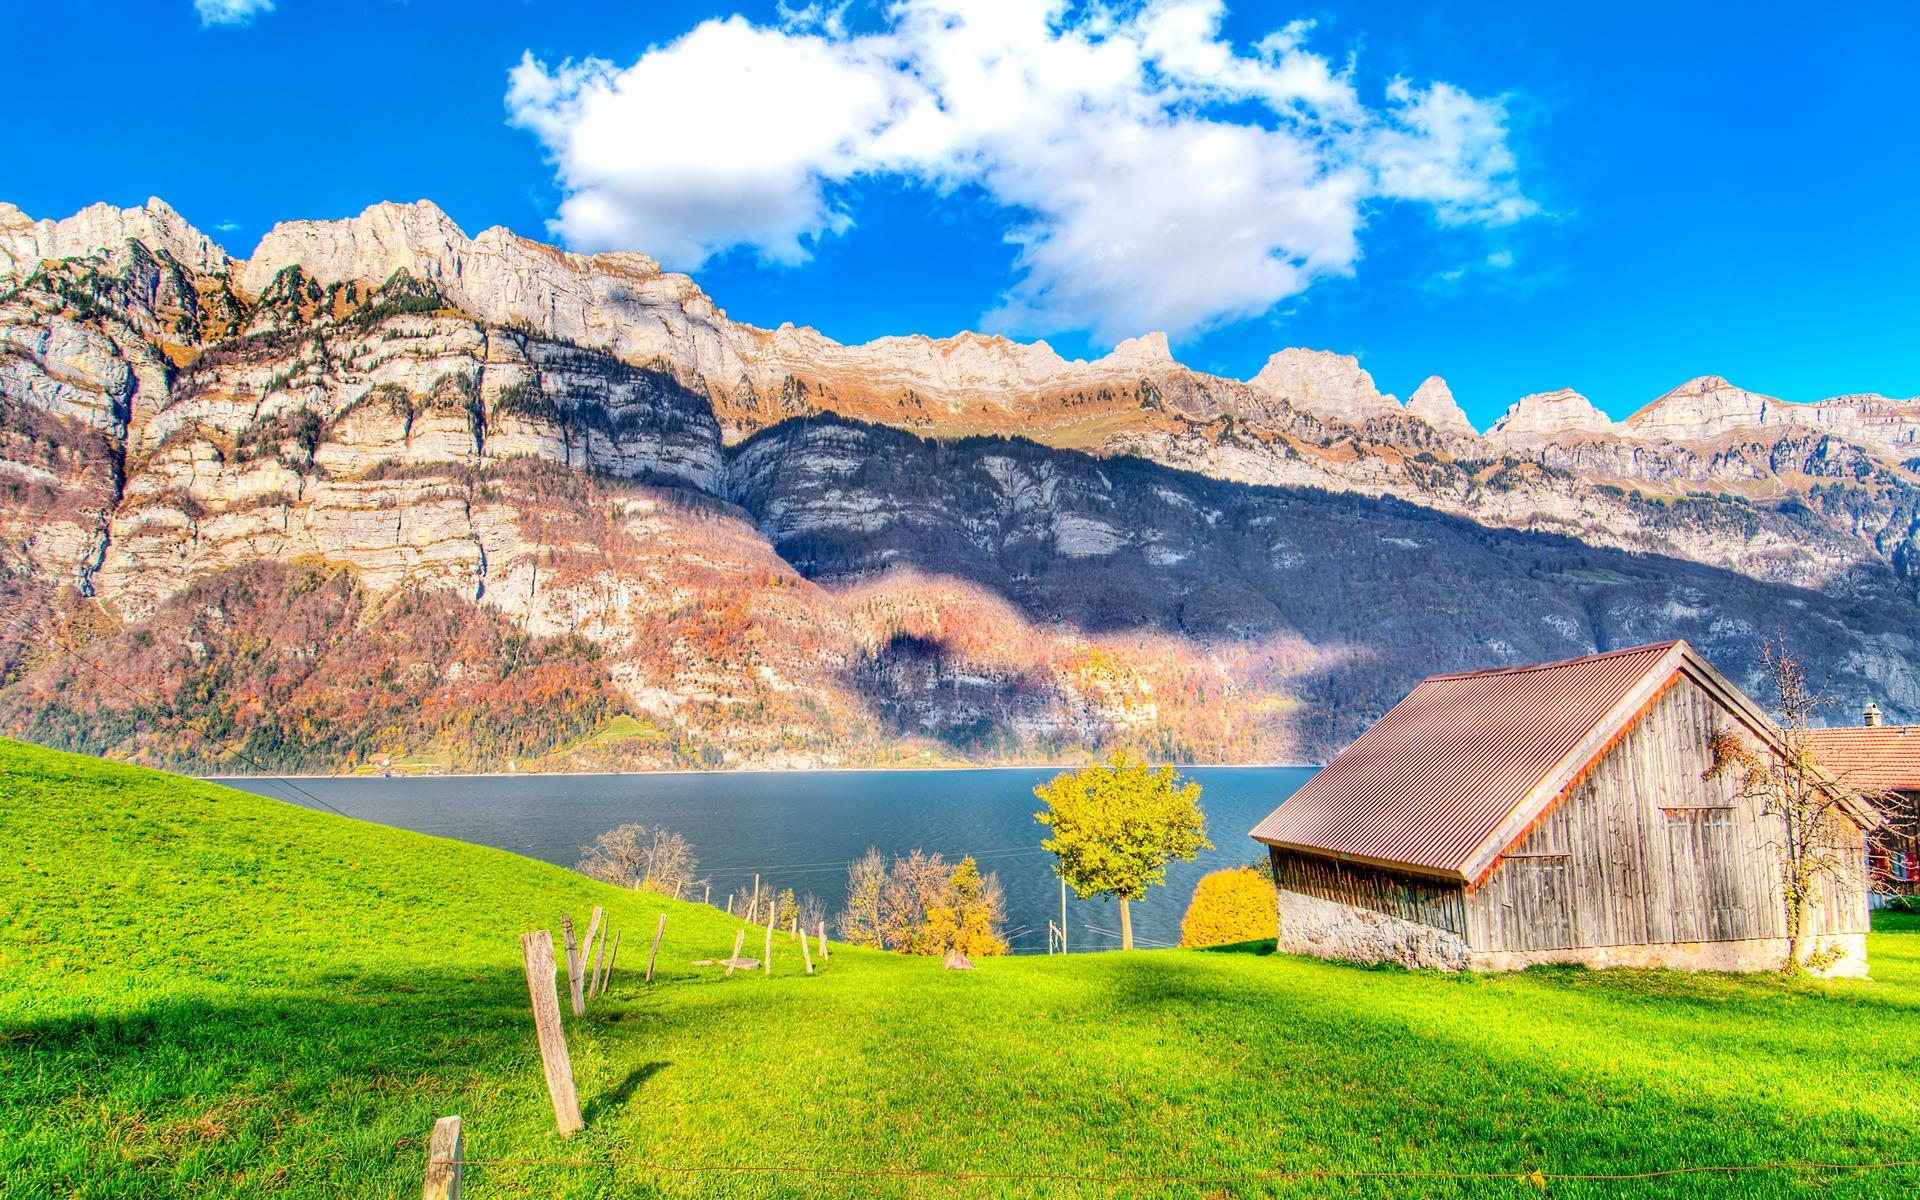 красочный город в горах  № 2347153 бесплатно